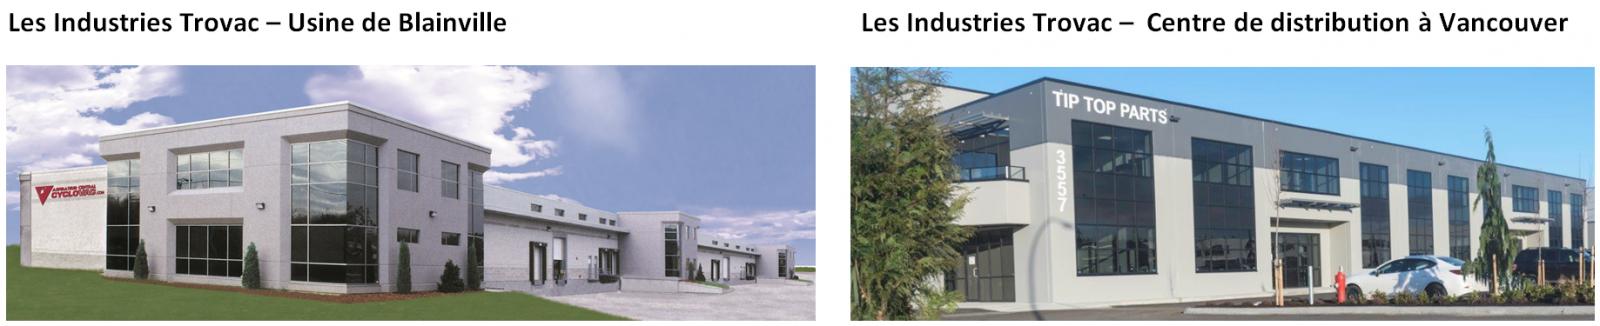 usine-et-centre-distribution-trovac(1).png